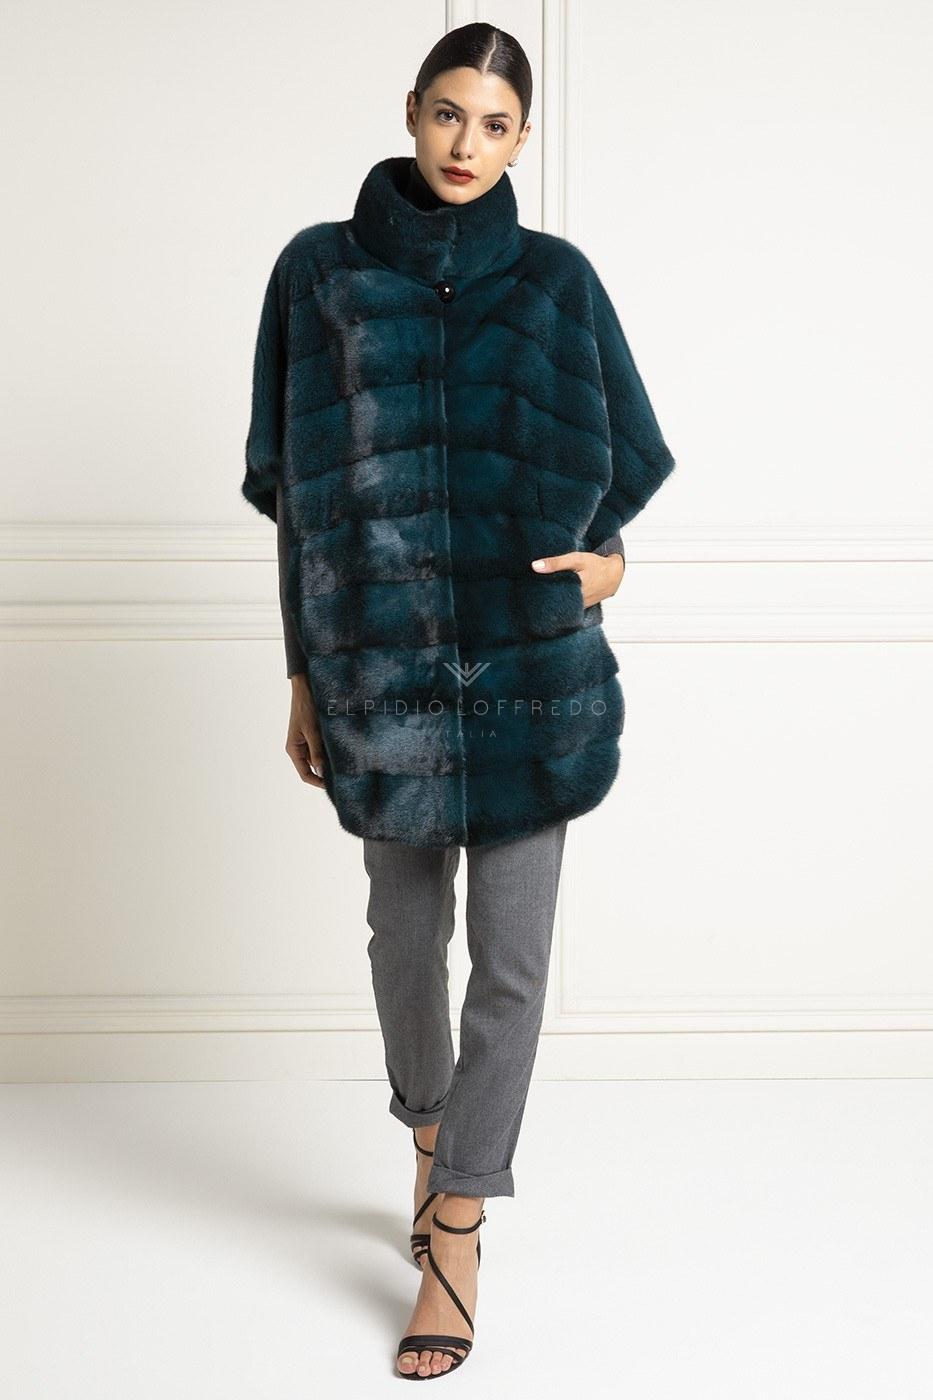 Black Cross Green Mink Coat - Length 85 cm